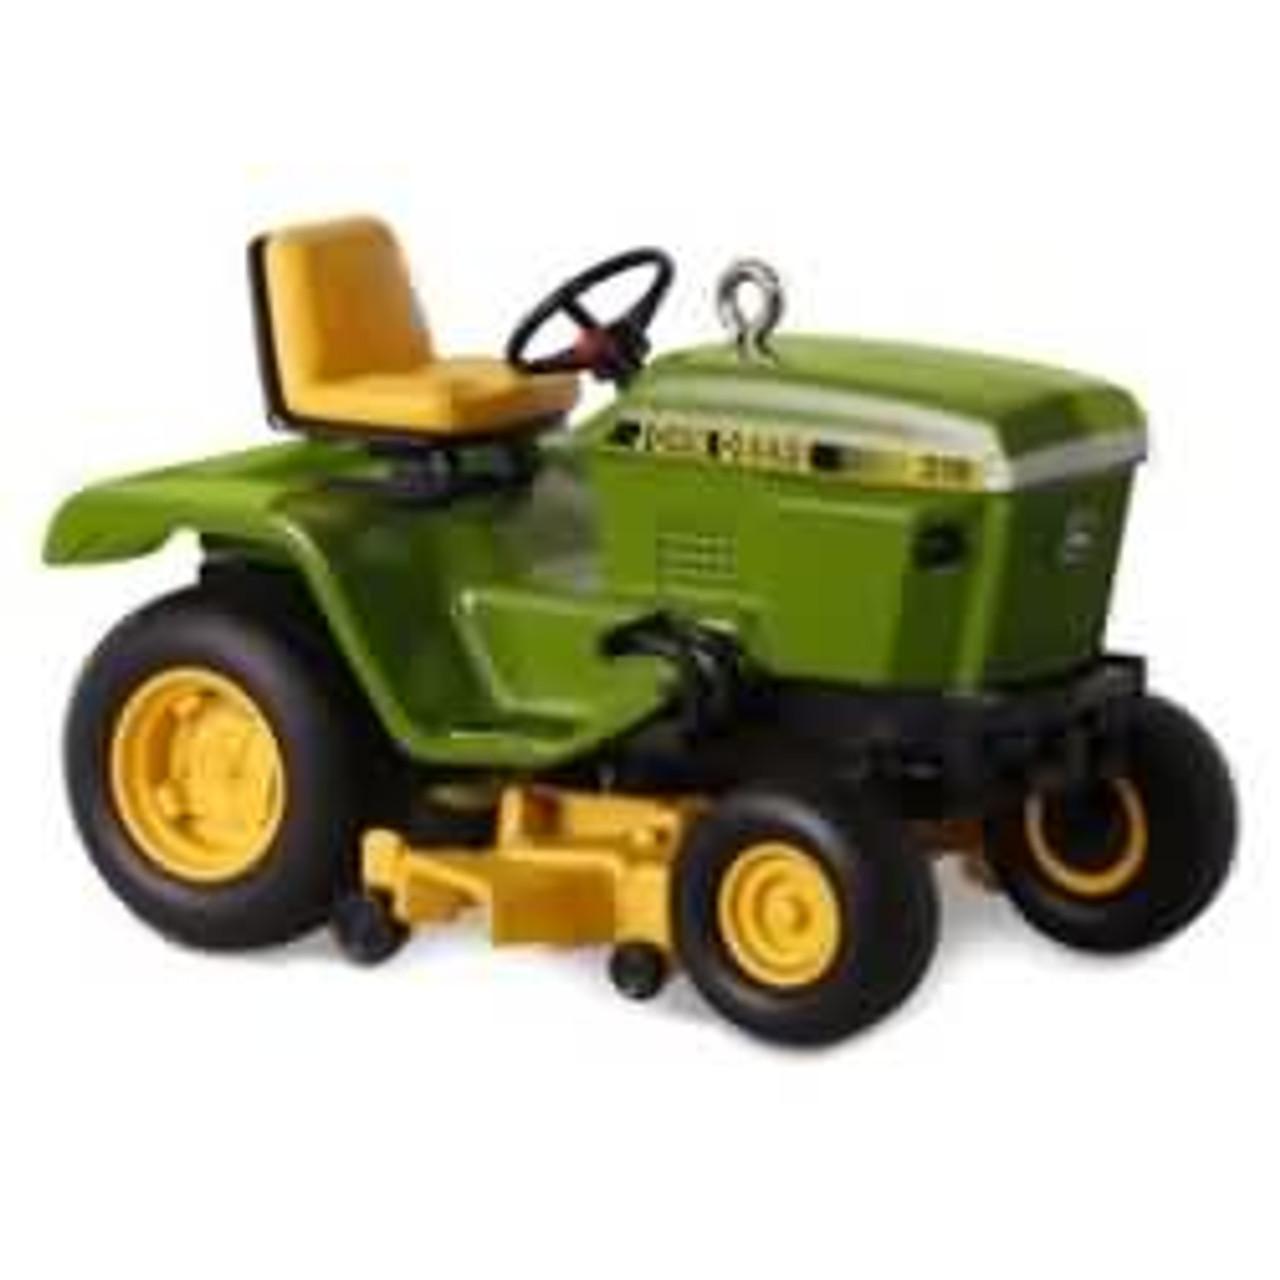 John Deere 318 >> 2016 John Deere 318 Garden Tractor